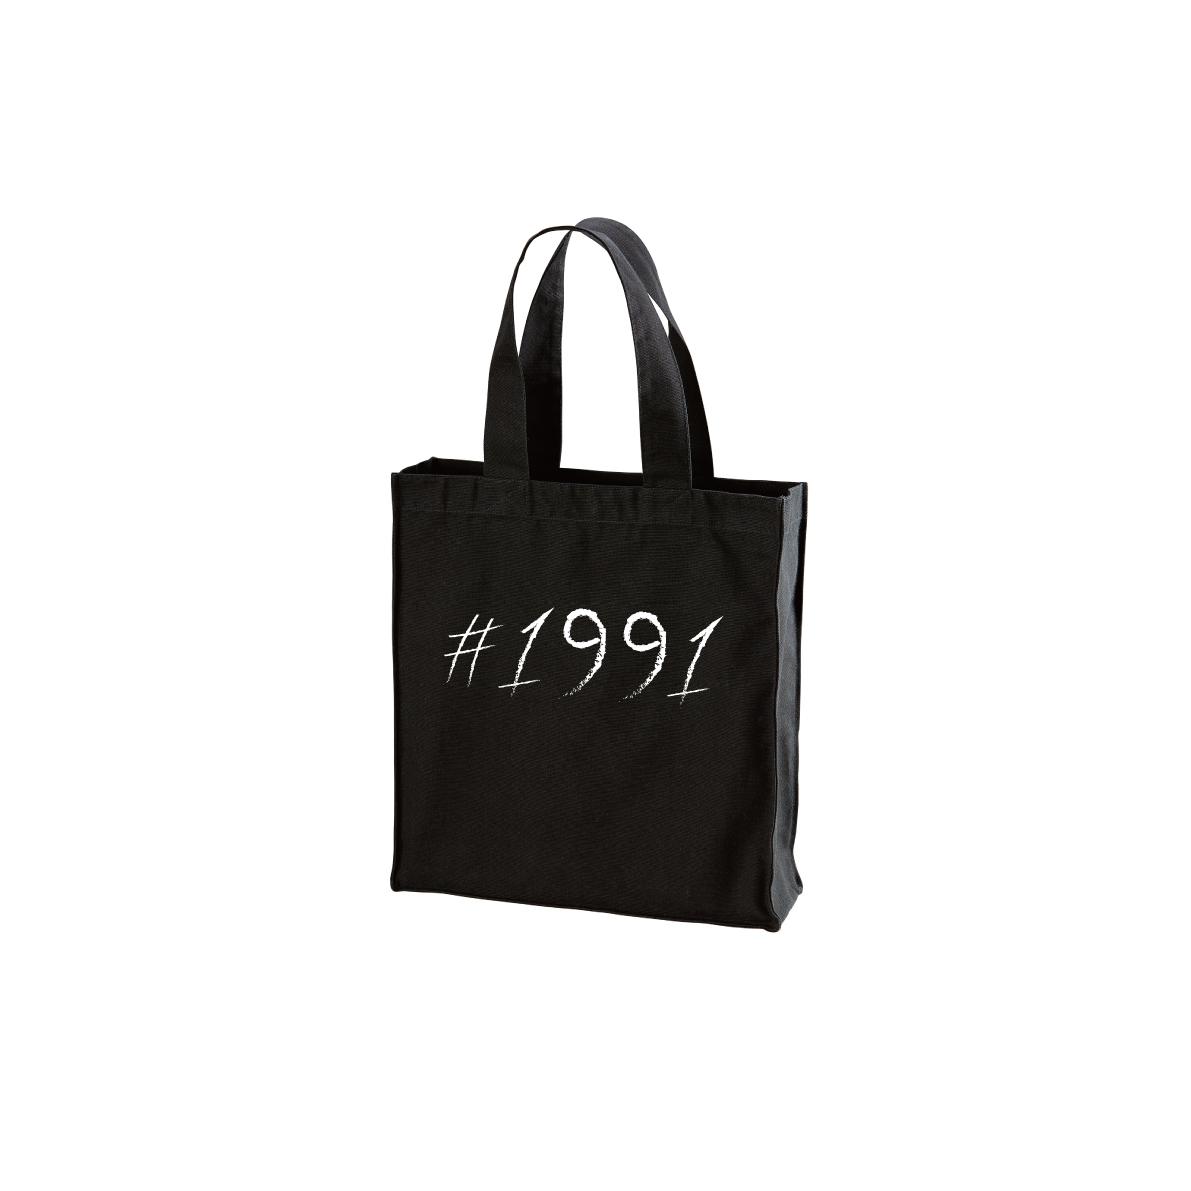 1991 Big Bag(BLACK)